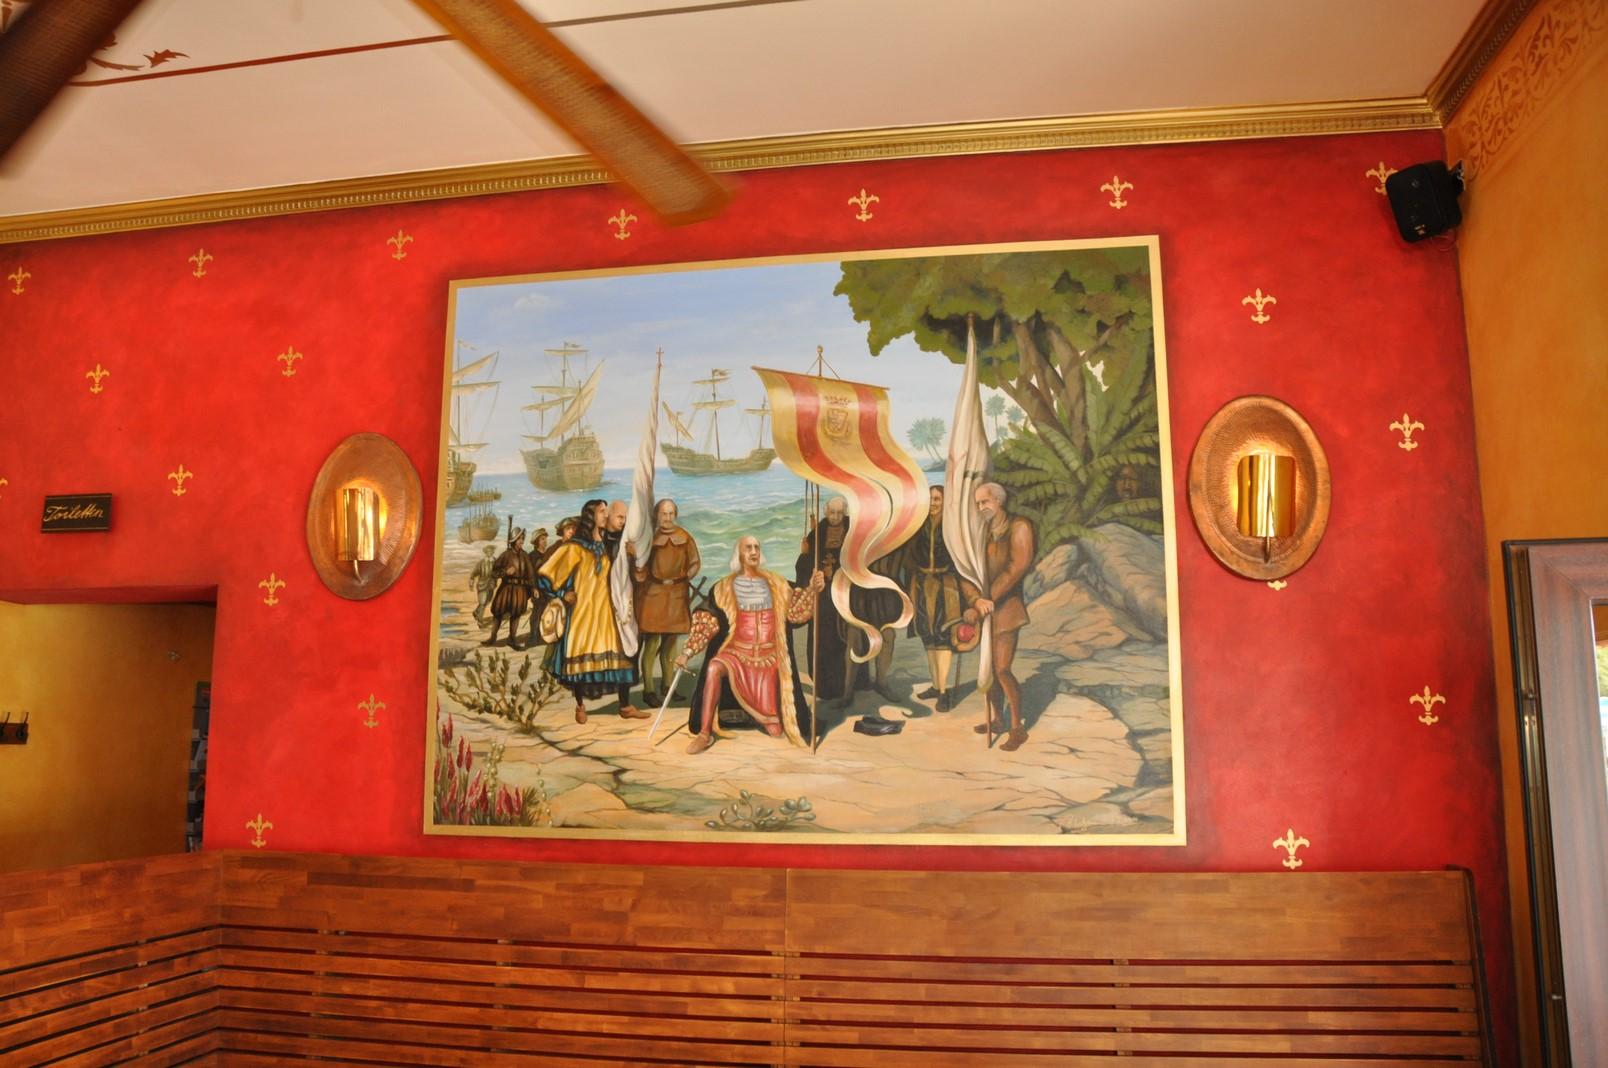 Wandbild in einem mexikanischen Restaurant in Berlin.